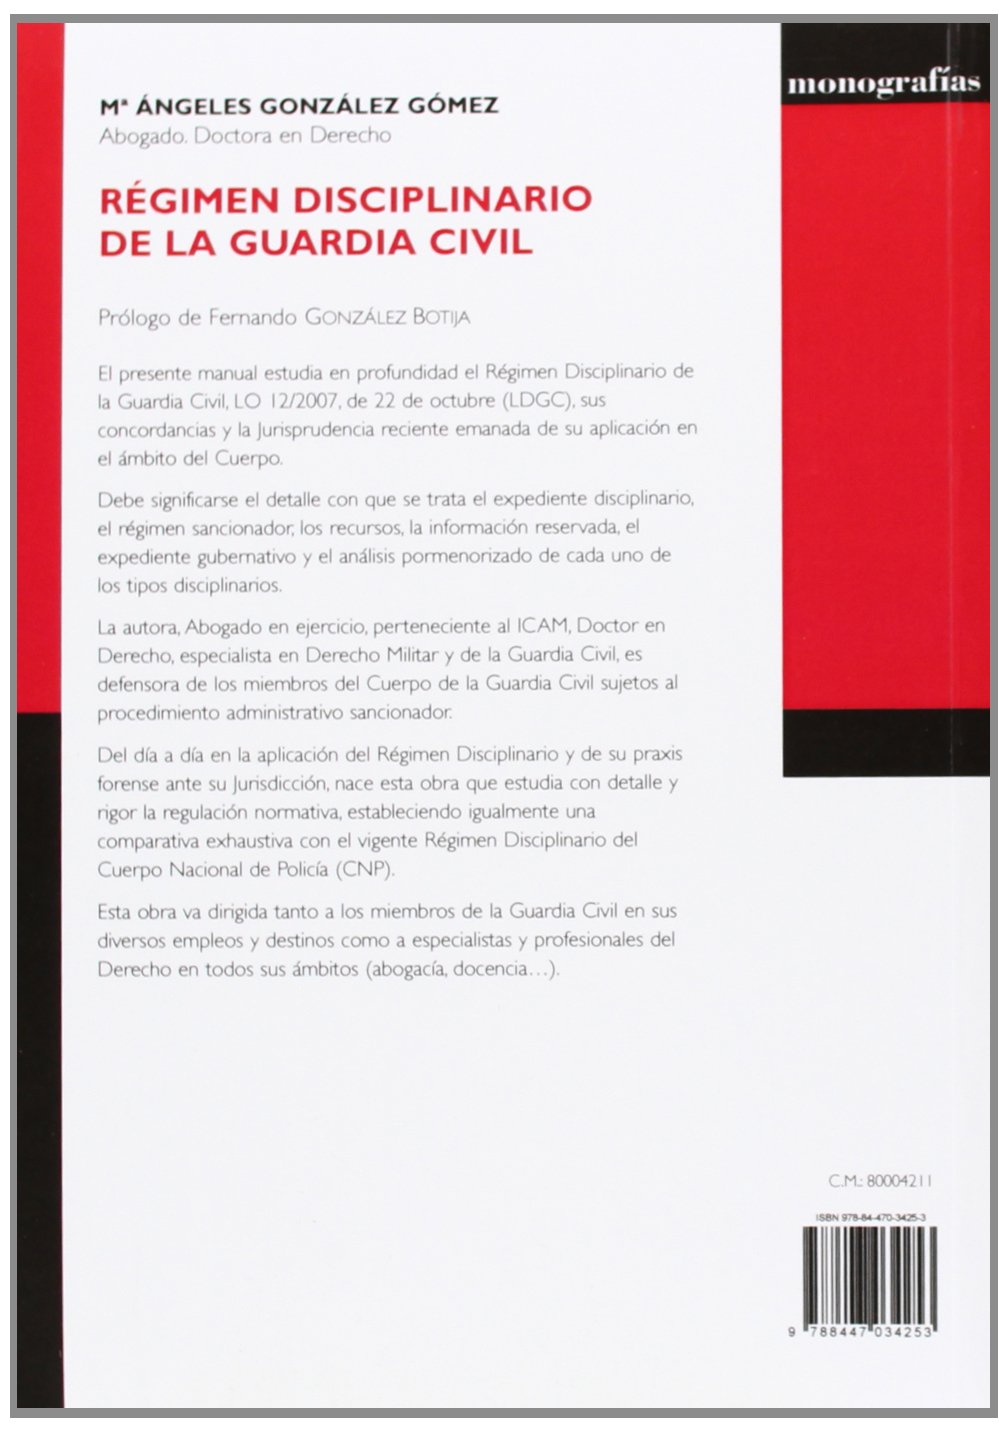 Régimen disciplinario de la Guardia Civil: María de los Ángeles Gómez González: 9788447034253: Amazon.com: Books